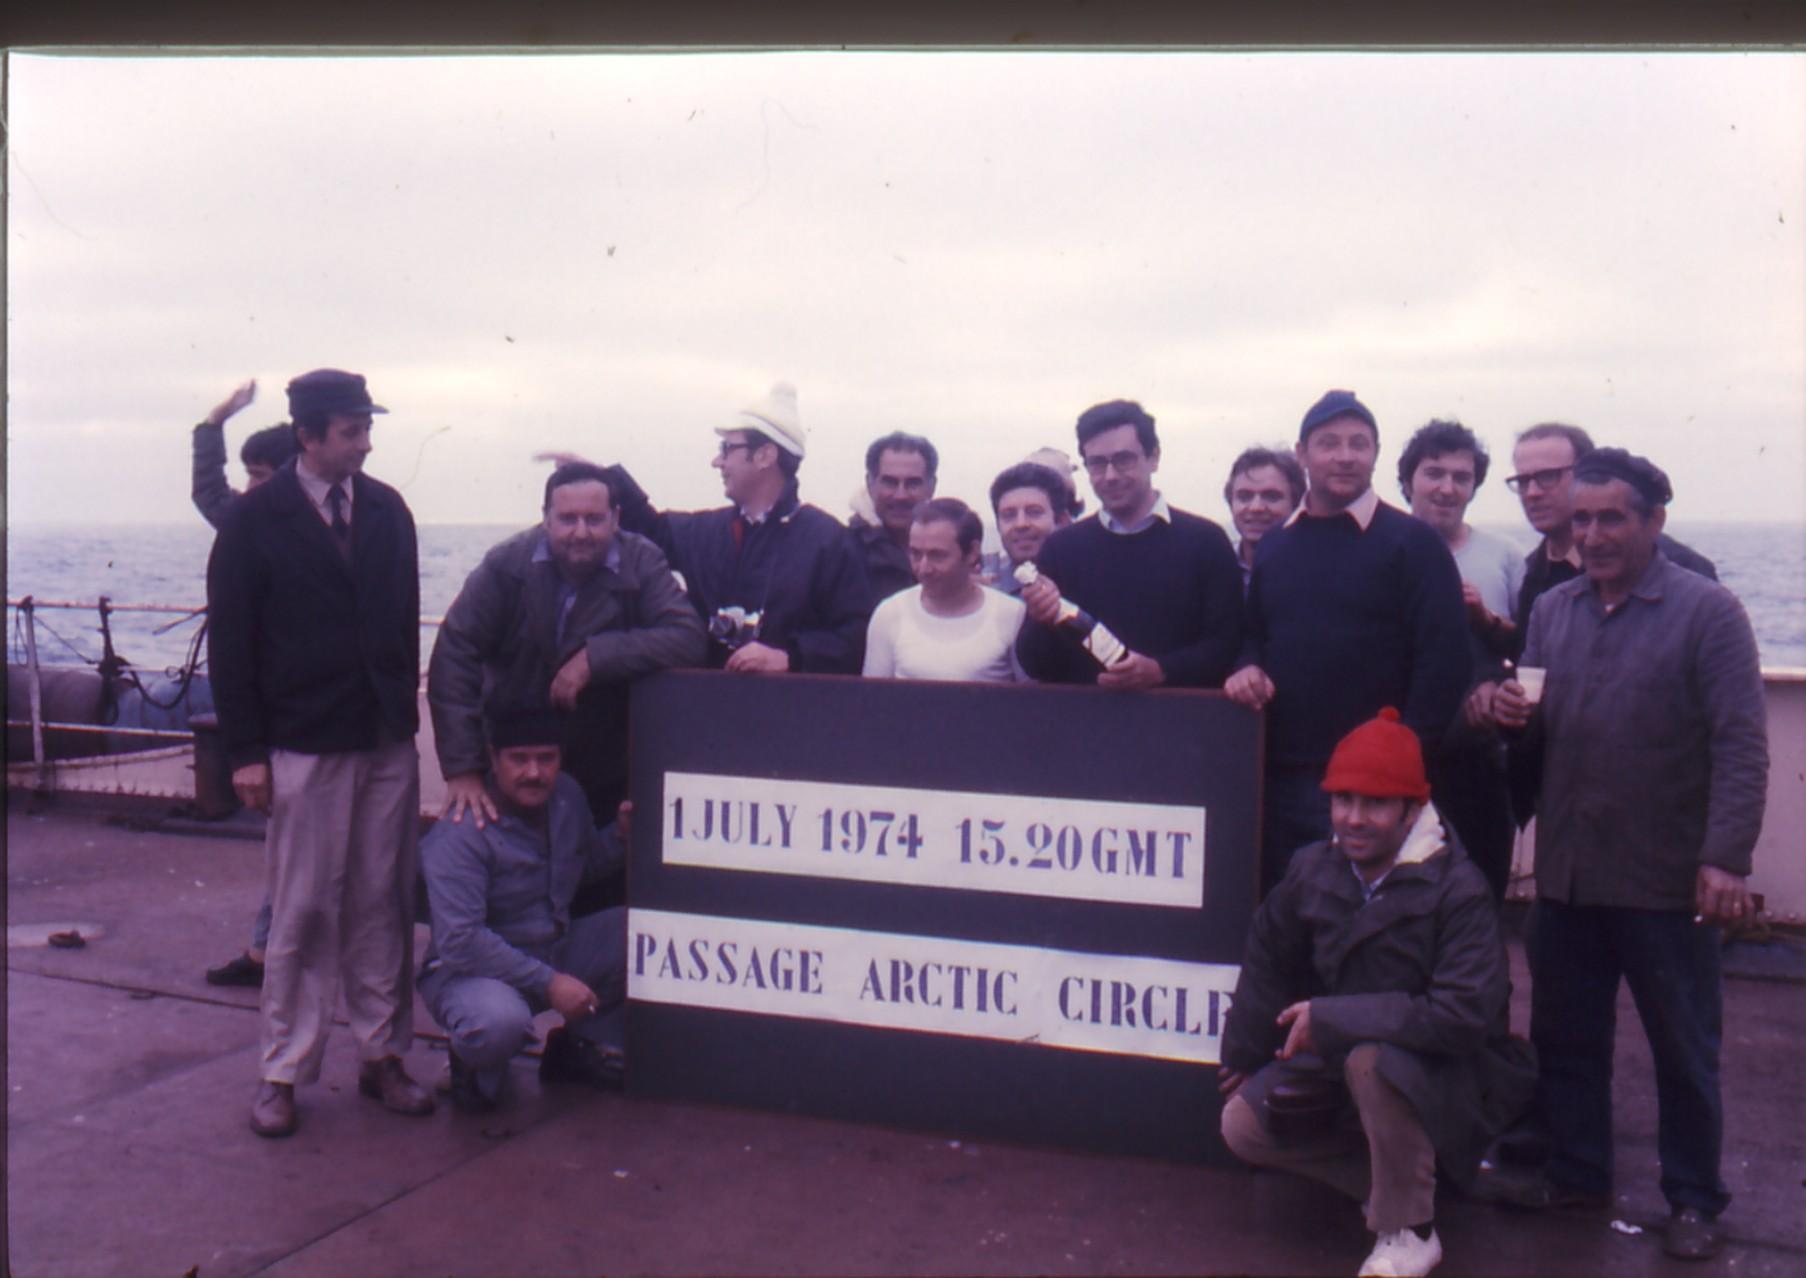 0100 - Maria Paolina - Prima crociera nel mare del Nord, Passaggio al C.P.A - 07-74.jpg